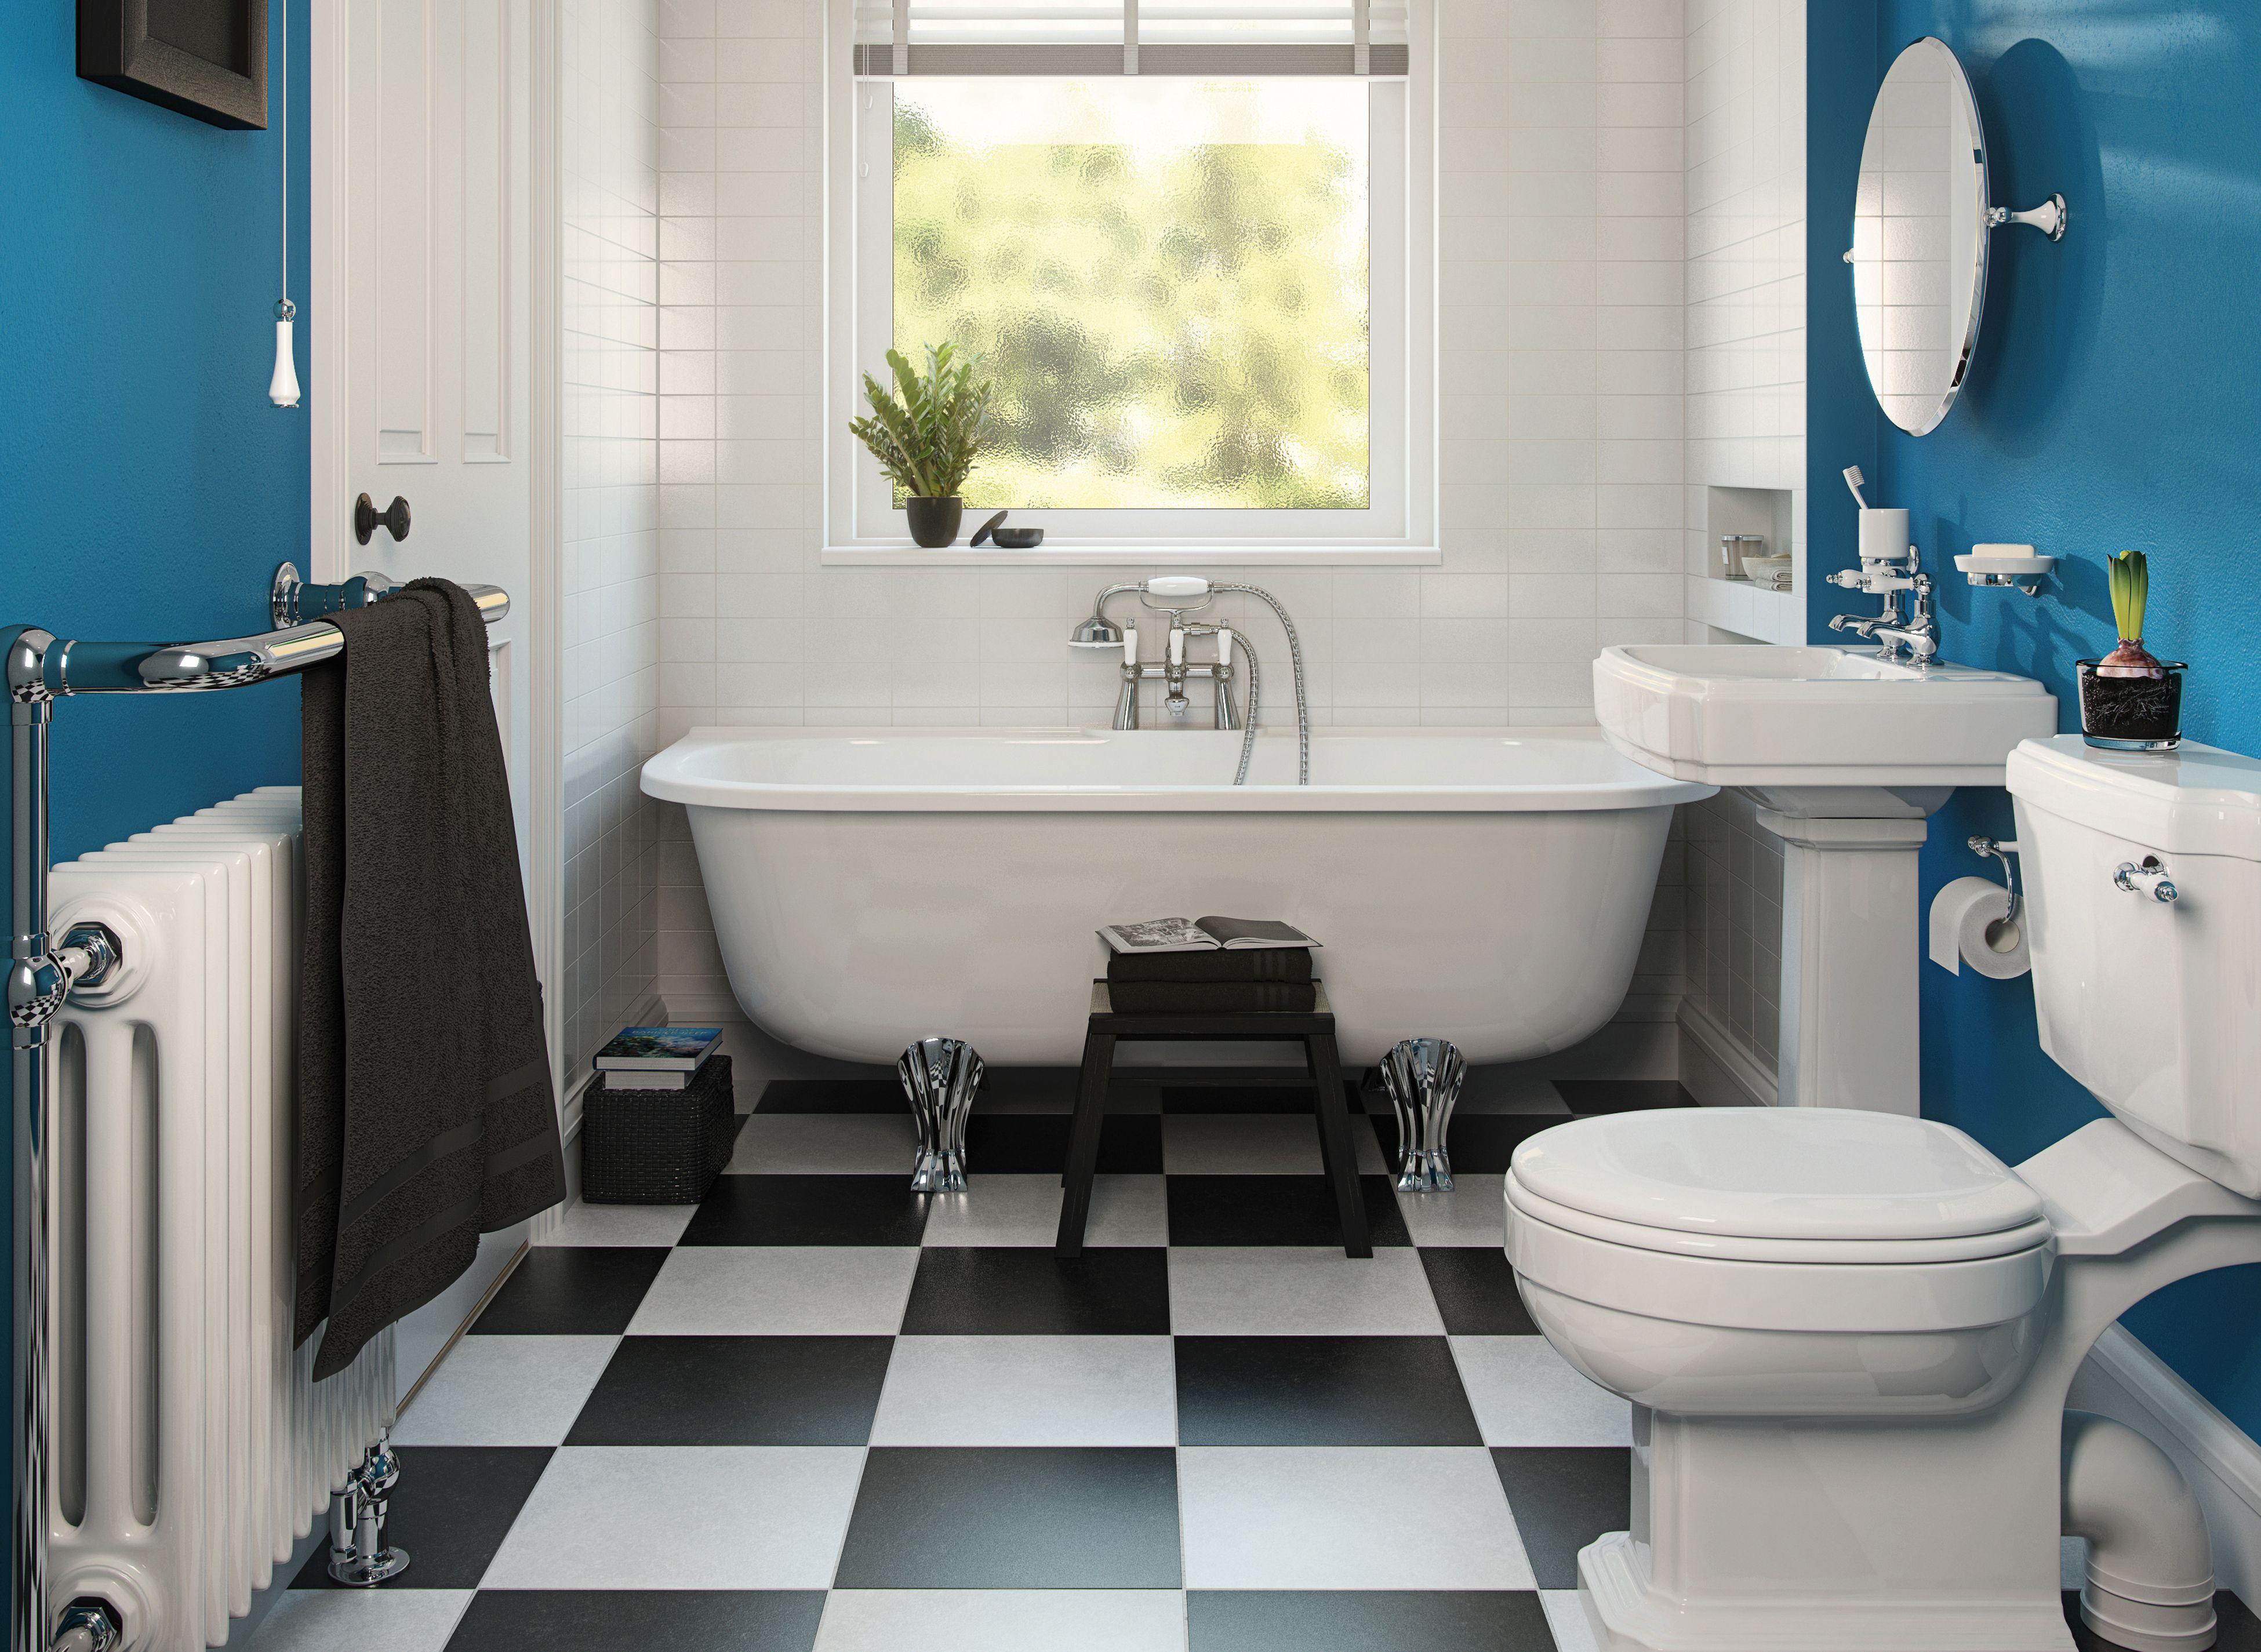 чем отделать стены в ванной кроме плитки